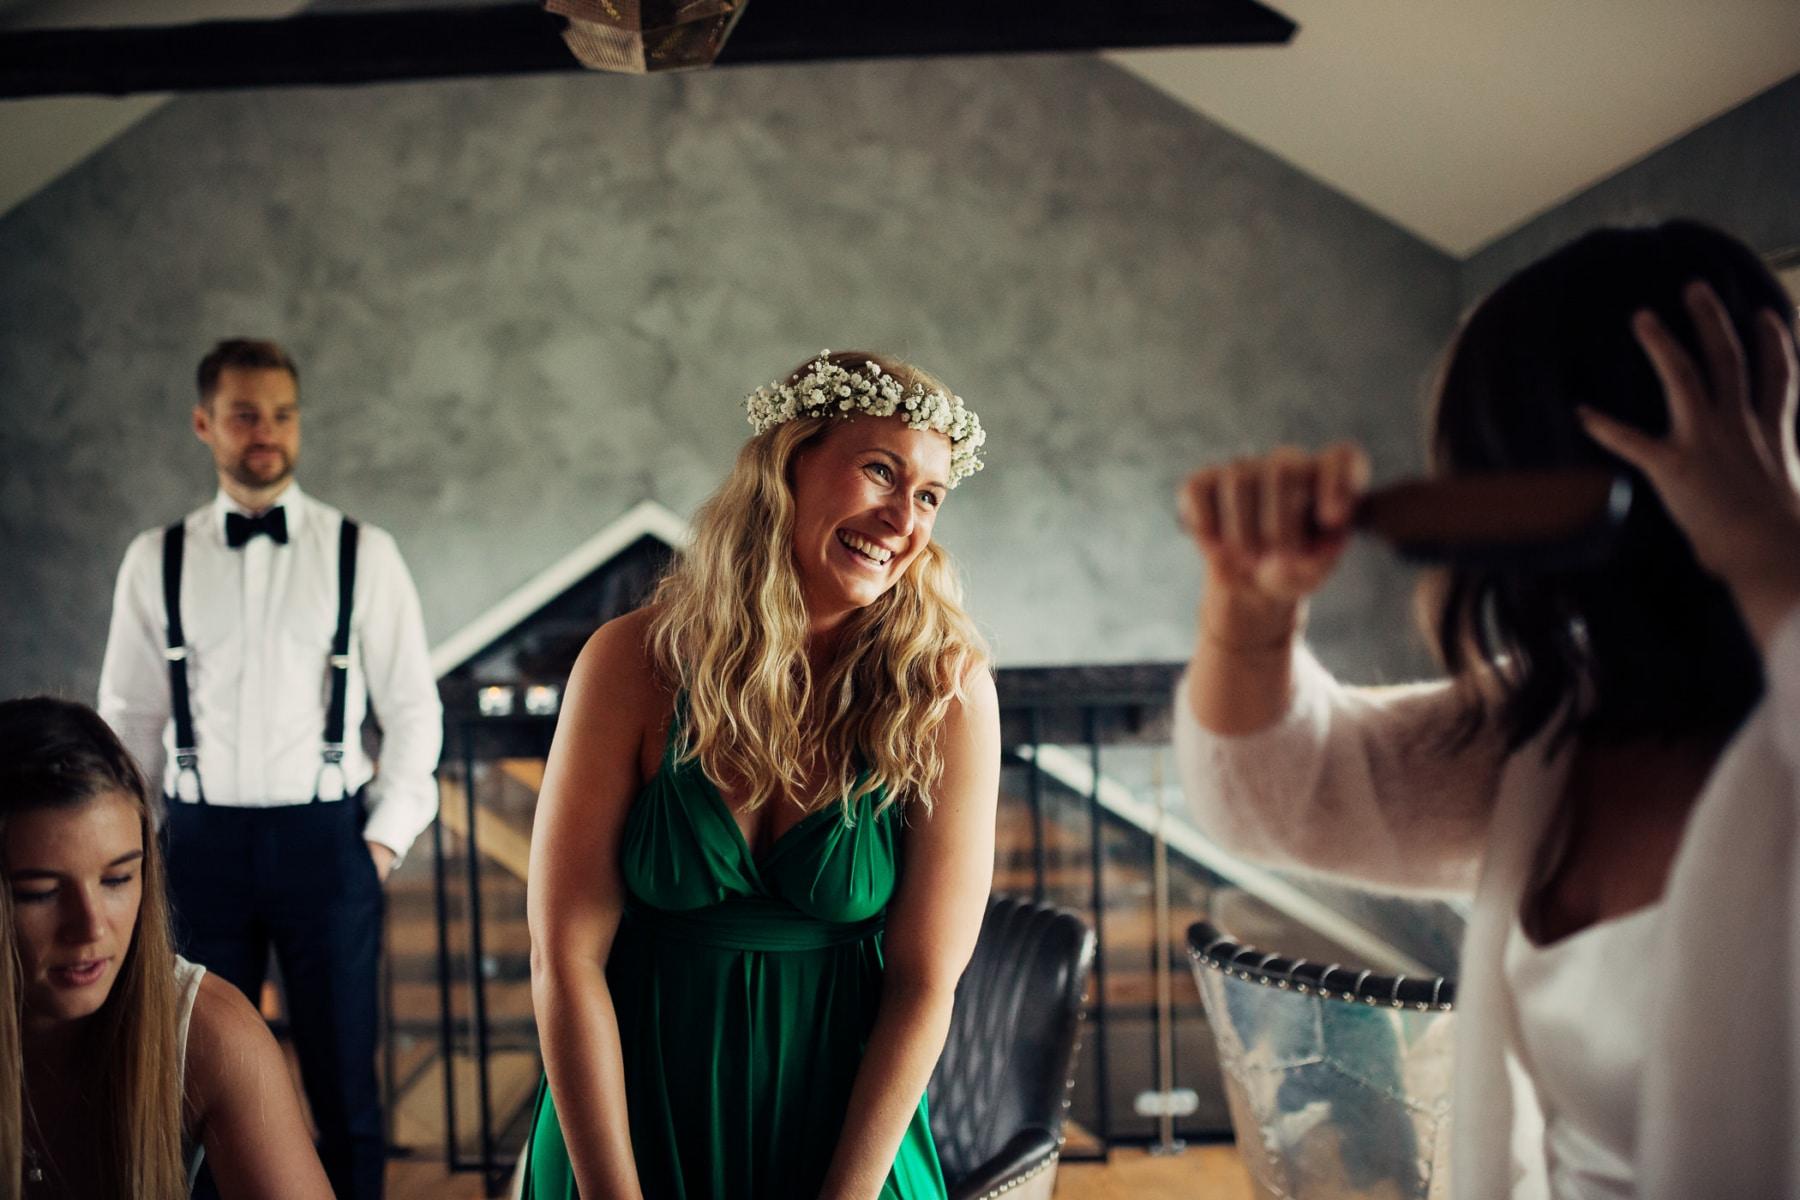 Caroline & Bendik - avslappet og morsomt bryllup i Ski Fotograf bryllup ski 24 Brudepar